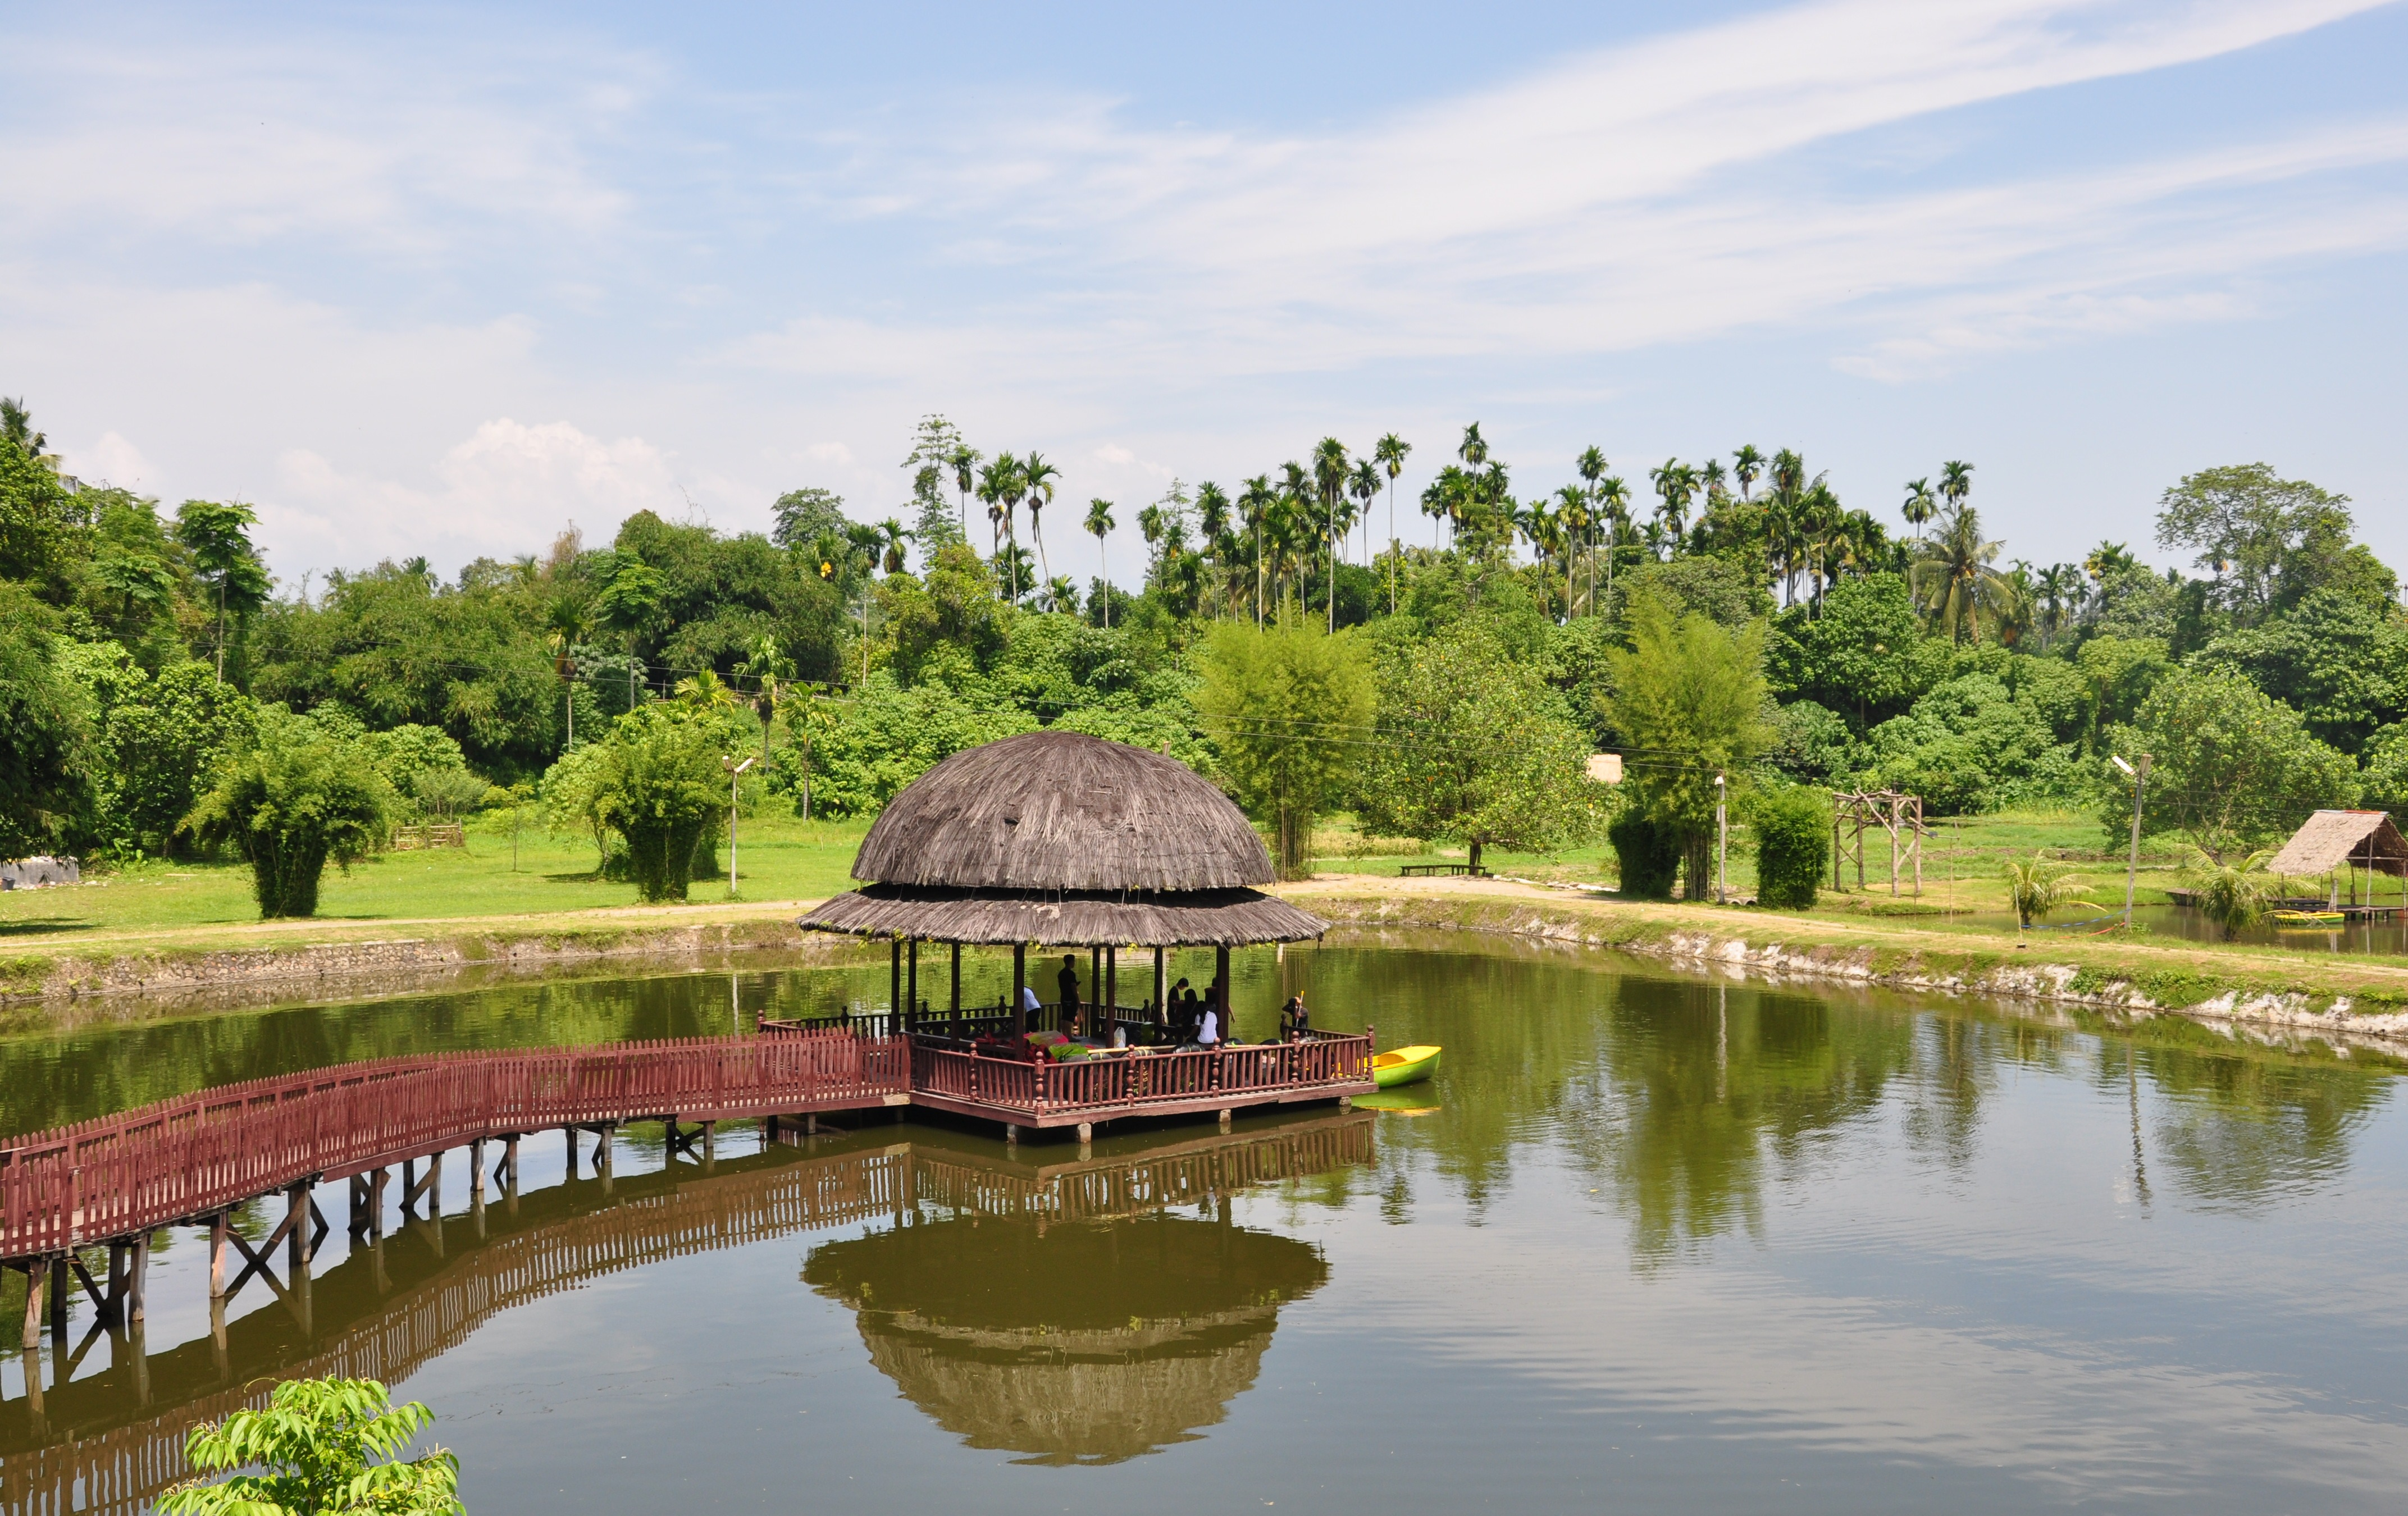 Kampung Ladang Fandryjalanjalan Outbound Kota Medan